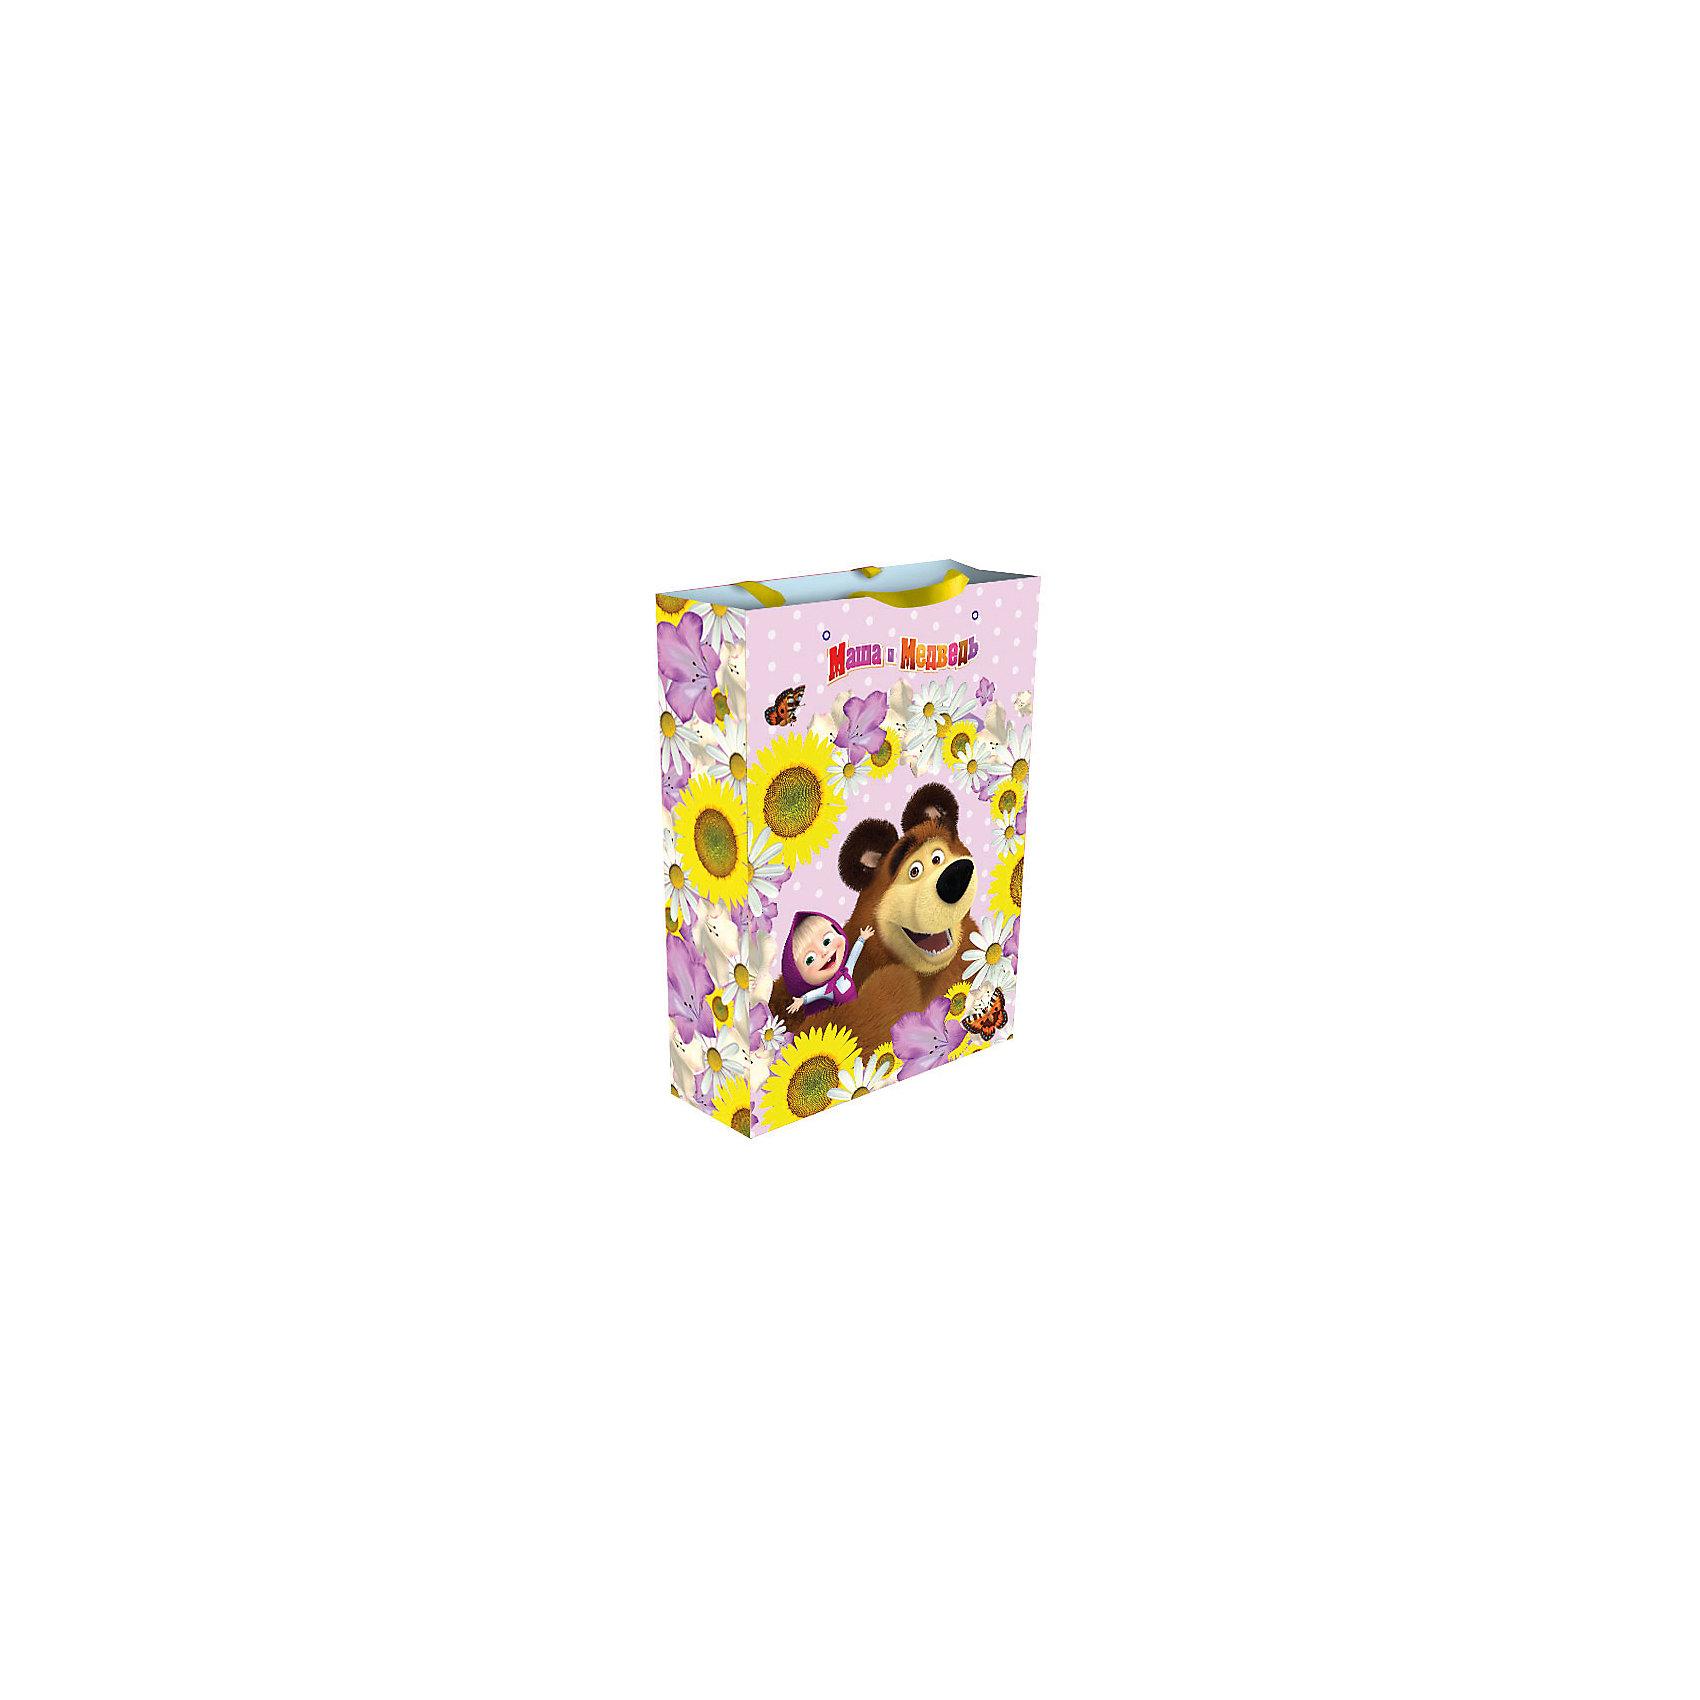 Пакет подарочный Маша  35*25*9 см, Маша и МедведьПодарочный пакет Маша, Маша и Медведь, поможет Вам красиво и оригинально оформить подарок для девочки. Пакет нежно-розовой расцветки и с двумя ленточными ручками украшен изображением девочки Маши и ее друга Миши из популярного отечественного мультсериала<br>Маша и Медведь. <br><br>Дополнительная информация:<br><br>- Материал: бумага. <br>- Размер пакета: 35 х 25 х 9 см.<br>- Вес: 78 гр.<br><br>Пакет подарочный Маша, Маша и Медведь, можно купить в нашем интернет-магазине.<br><br>Ширина мм: 350<br>Глубина мм: 250<br>Высота мм: 5<br>Вес г: 78<br>Возраст от месяцев: 36<br>Возраст до месяцев: 108<br>Пол: Унисекс<br>Возраст: Детский<br>SKU: 4244174